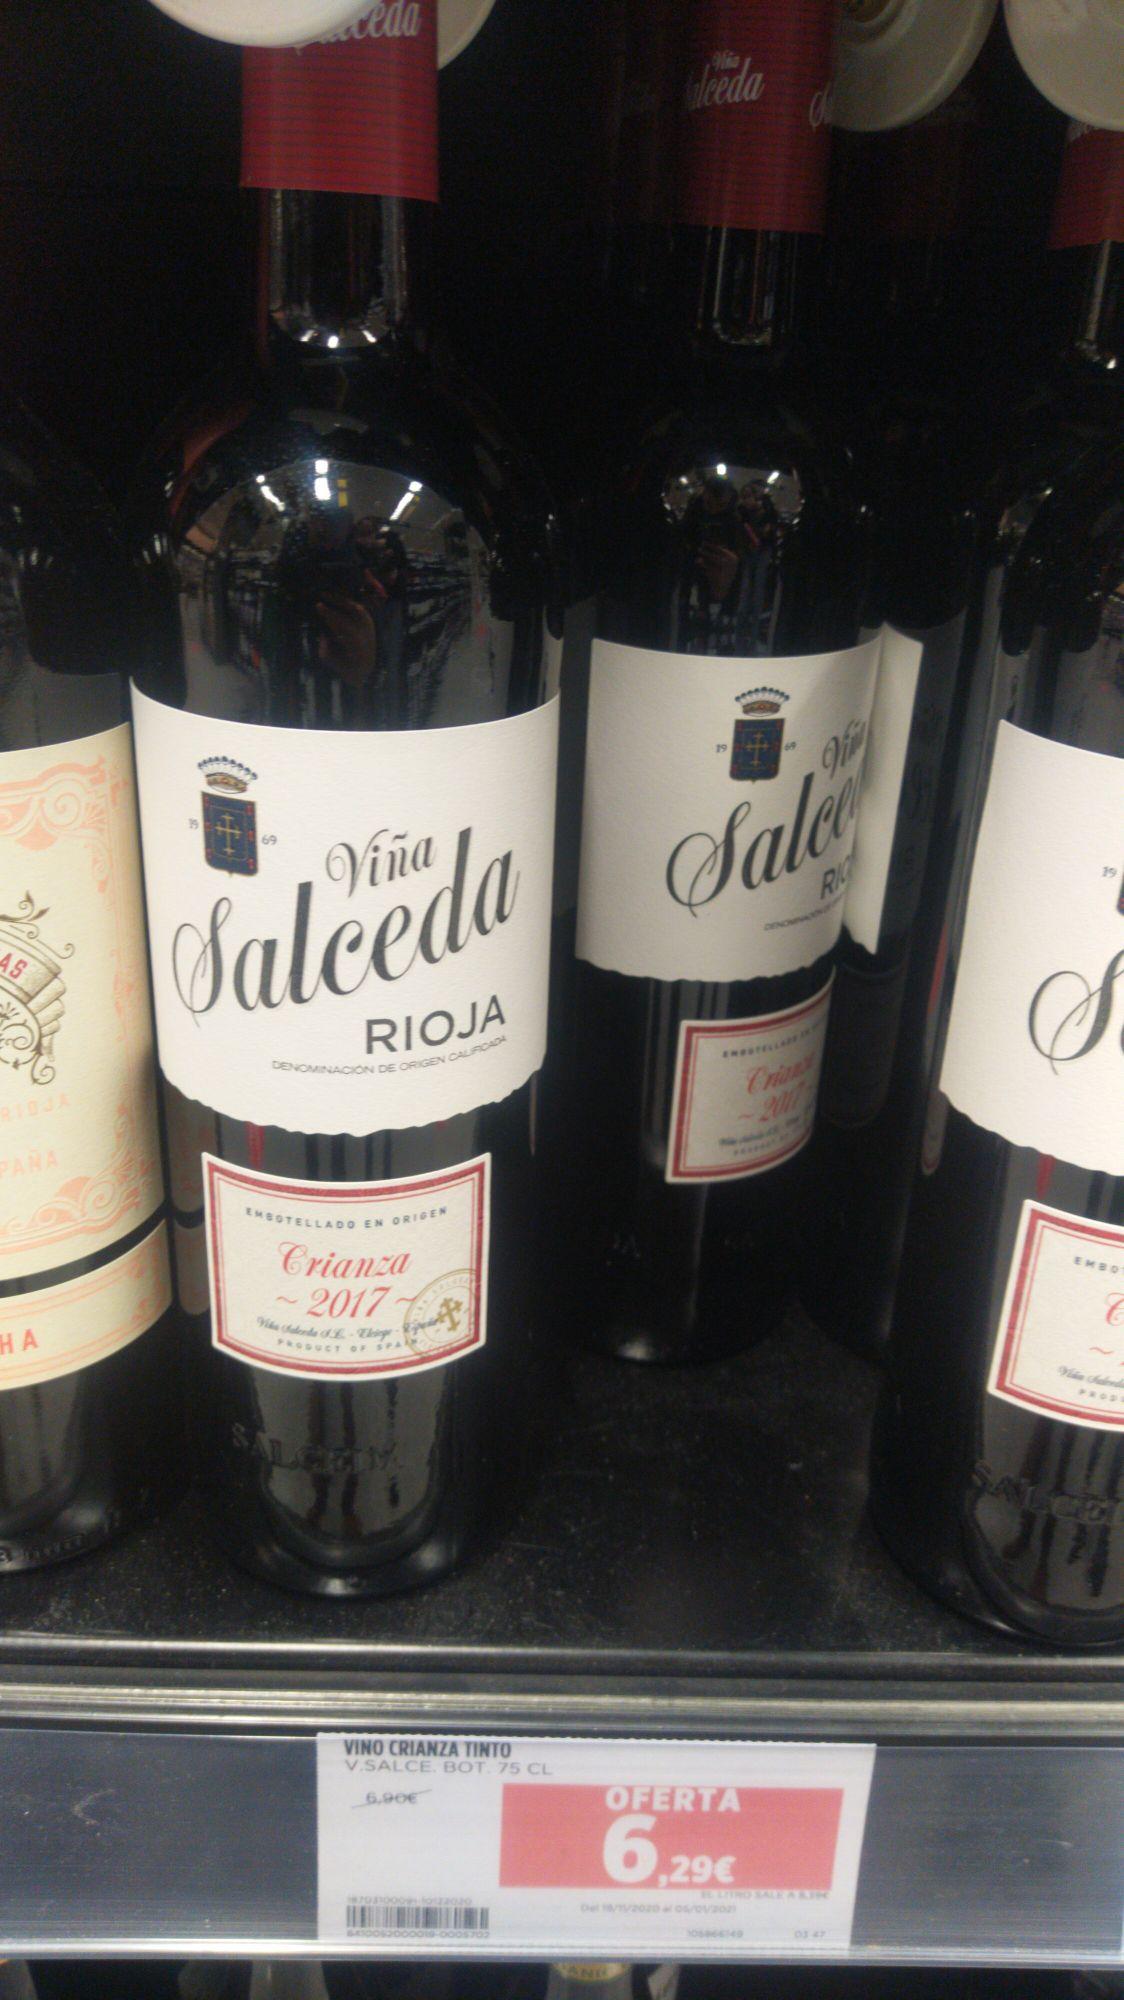 Vino Rioja Viña Salceda